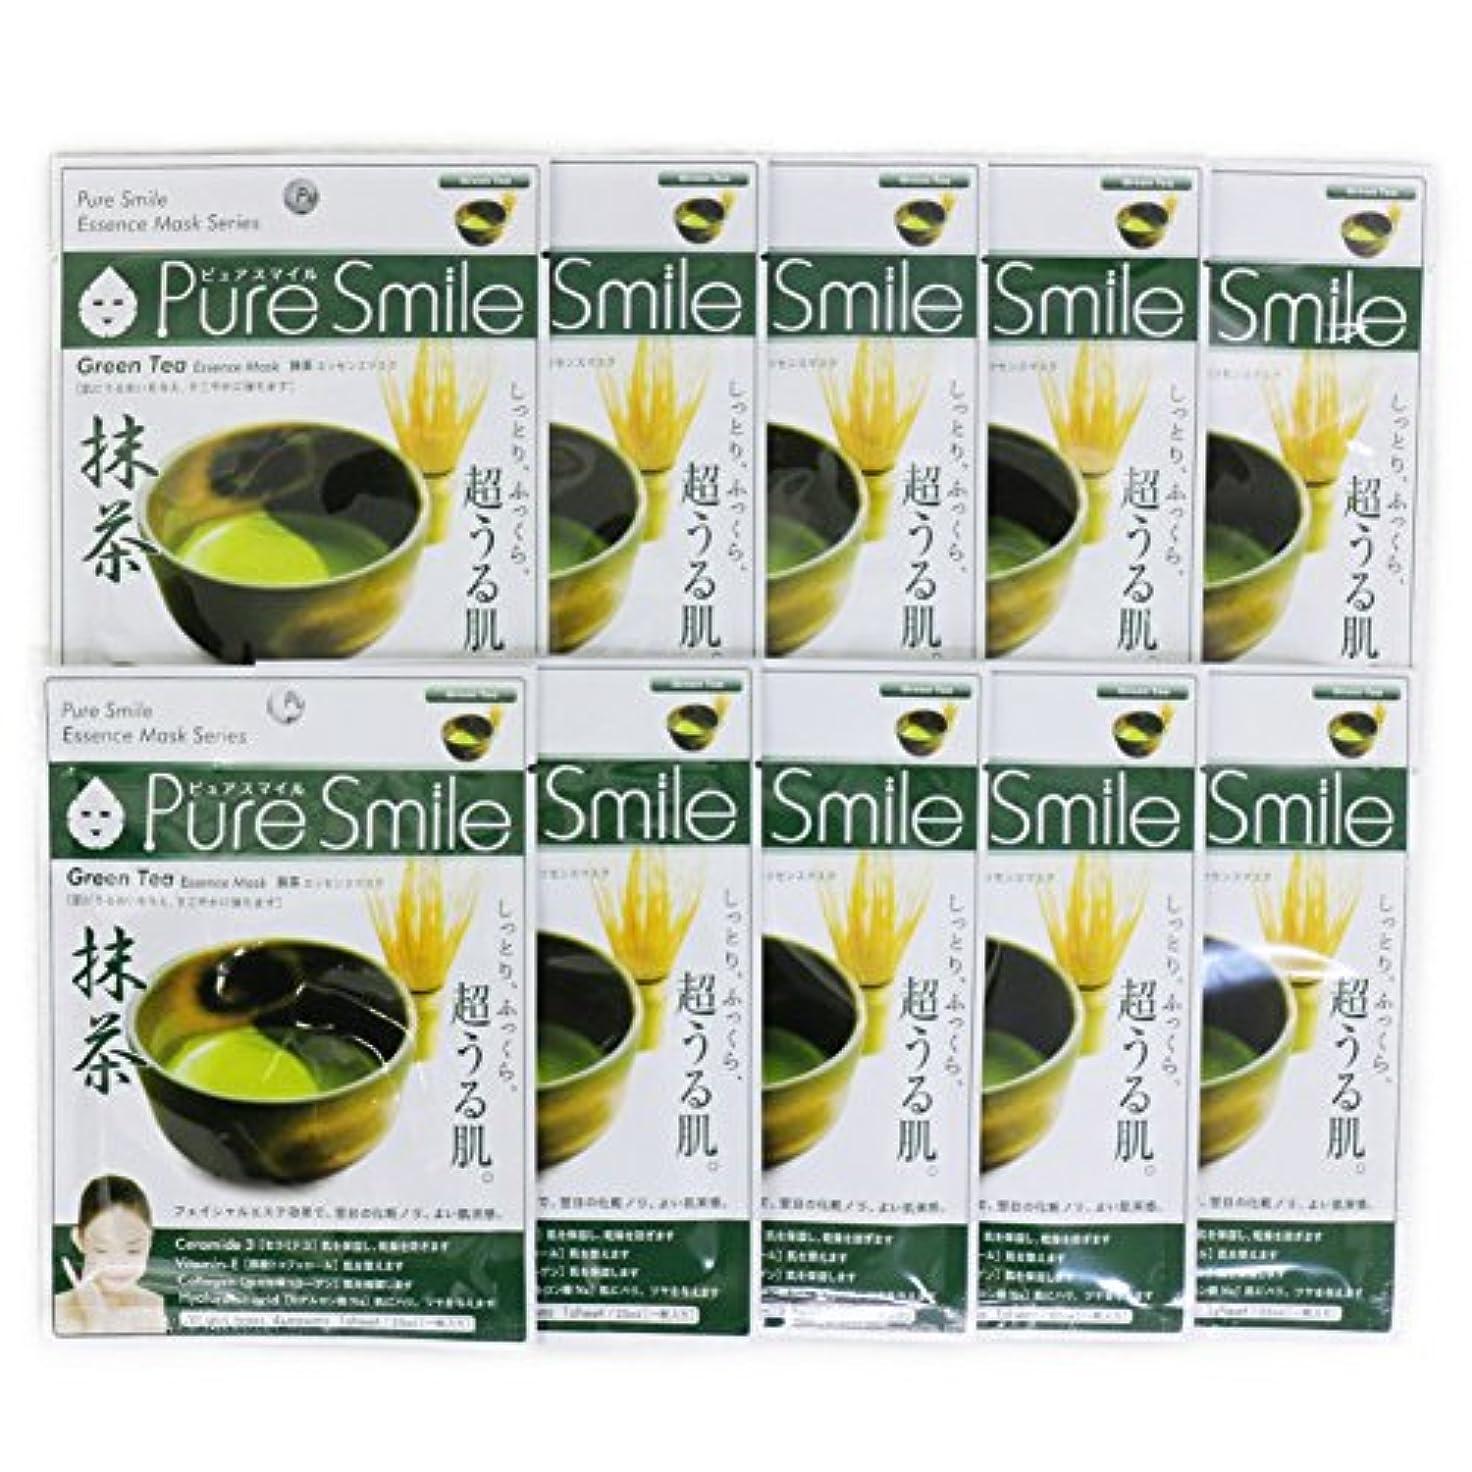 法的いじめっ子告白Pure Smile ピュアスマイル エッセンスマスク 抹茶 10枚セット